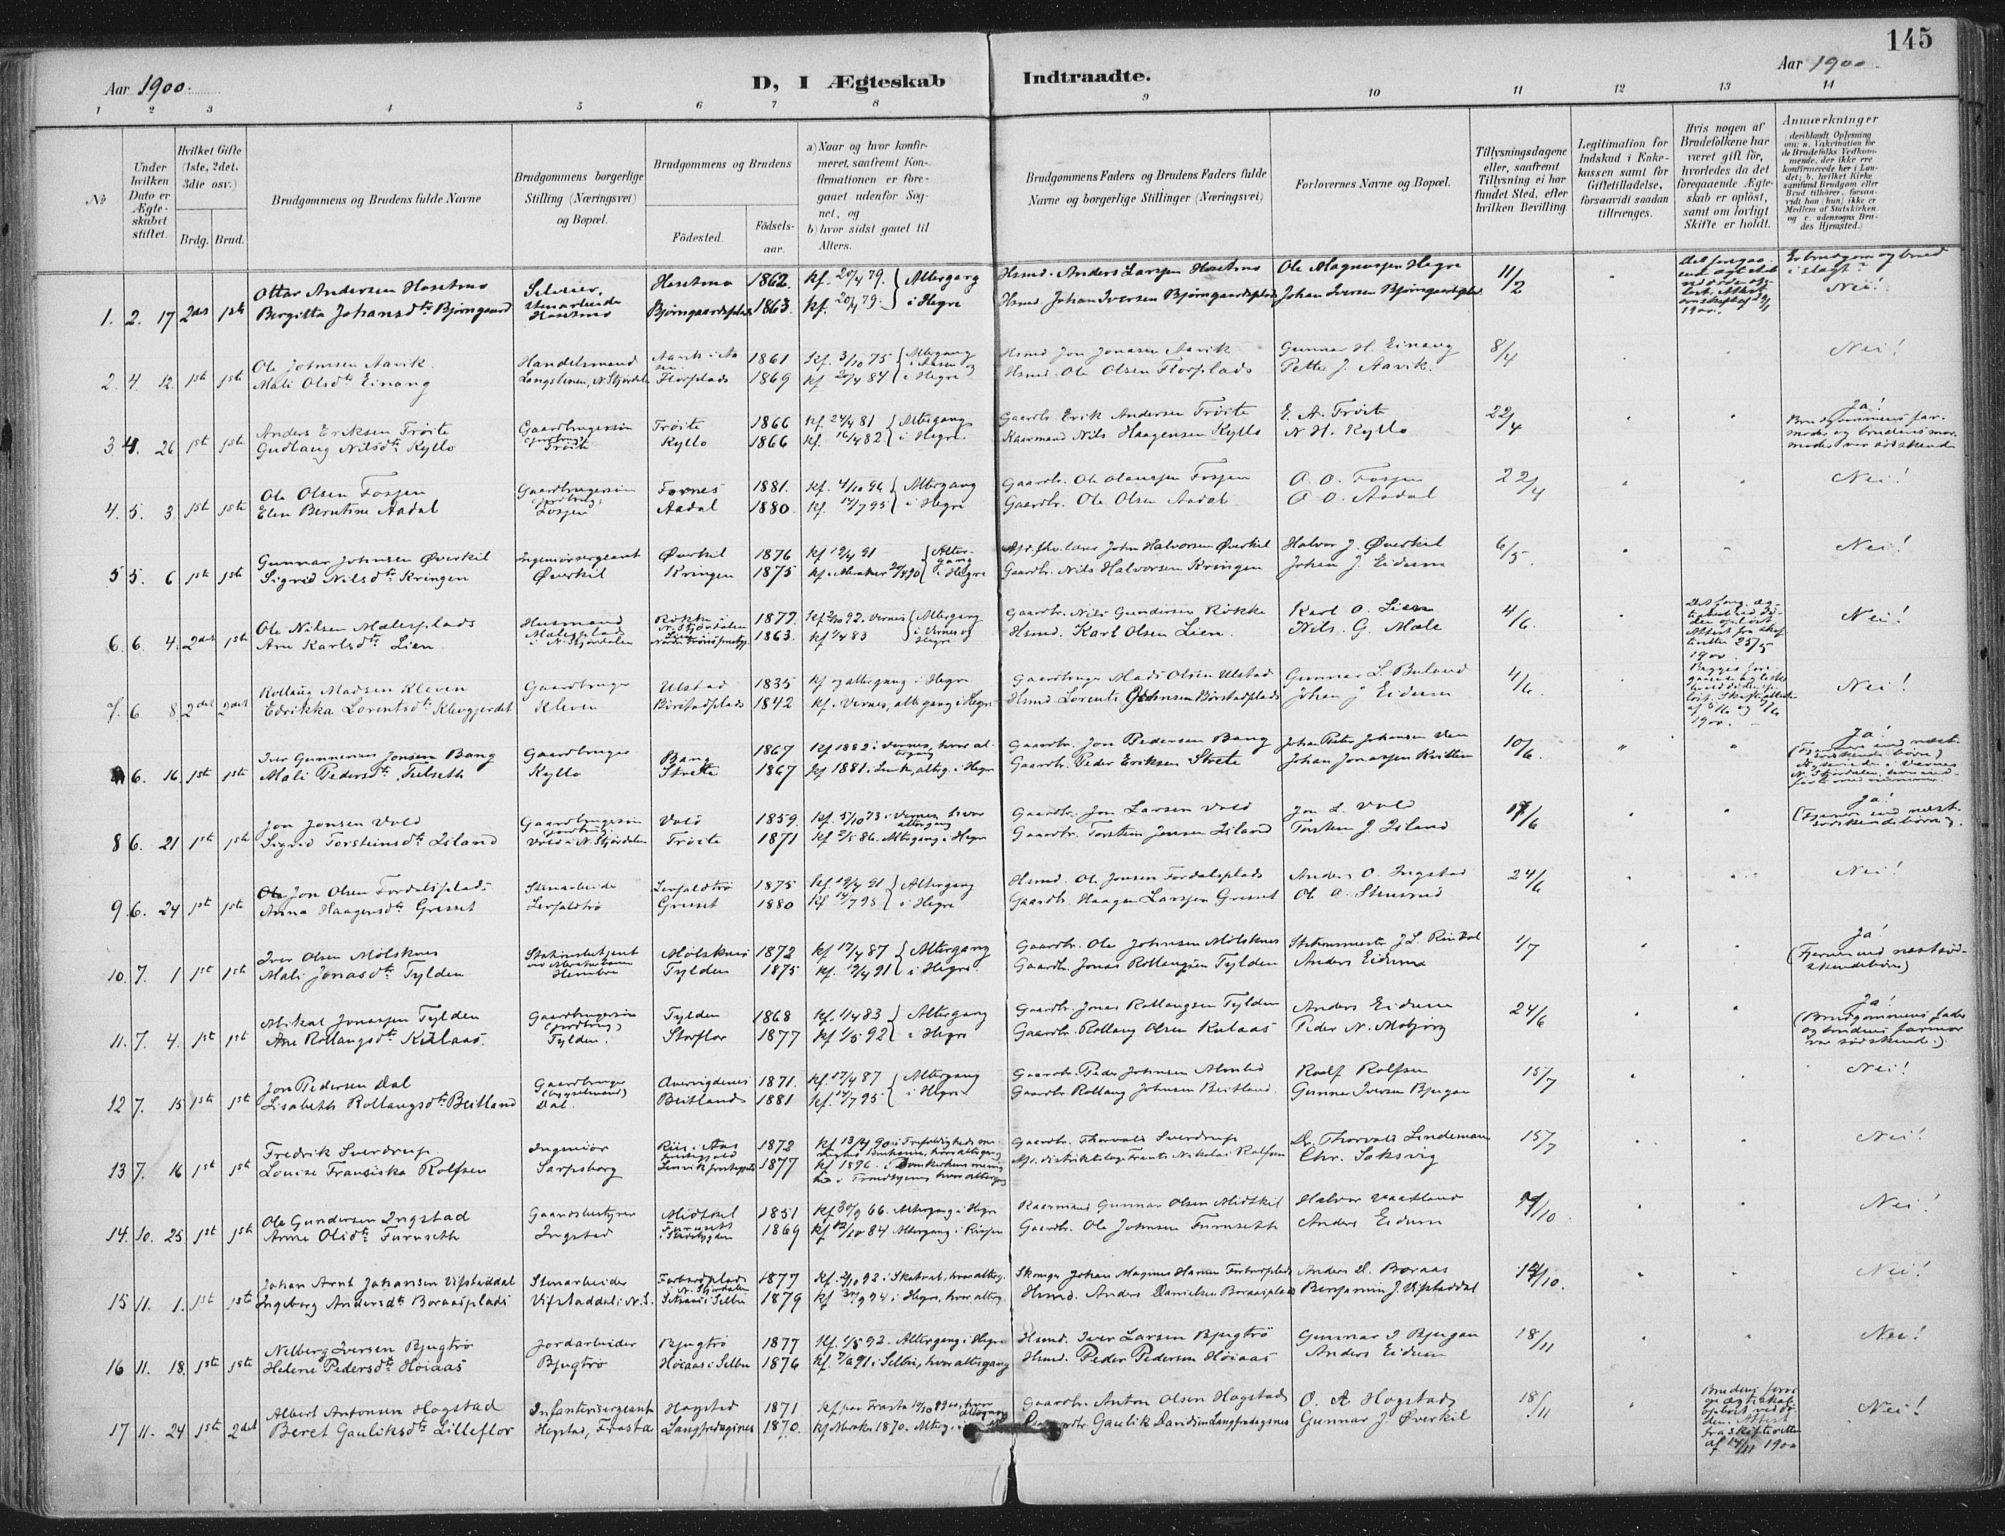 SAT, Ministerialprotokoller, klokkerbøker og fødselsregistre - Nord-Trøndelag, 703/L0031: Ministerialbok nr. 703A04, 1893-1914, s. 145